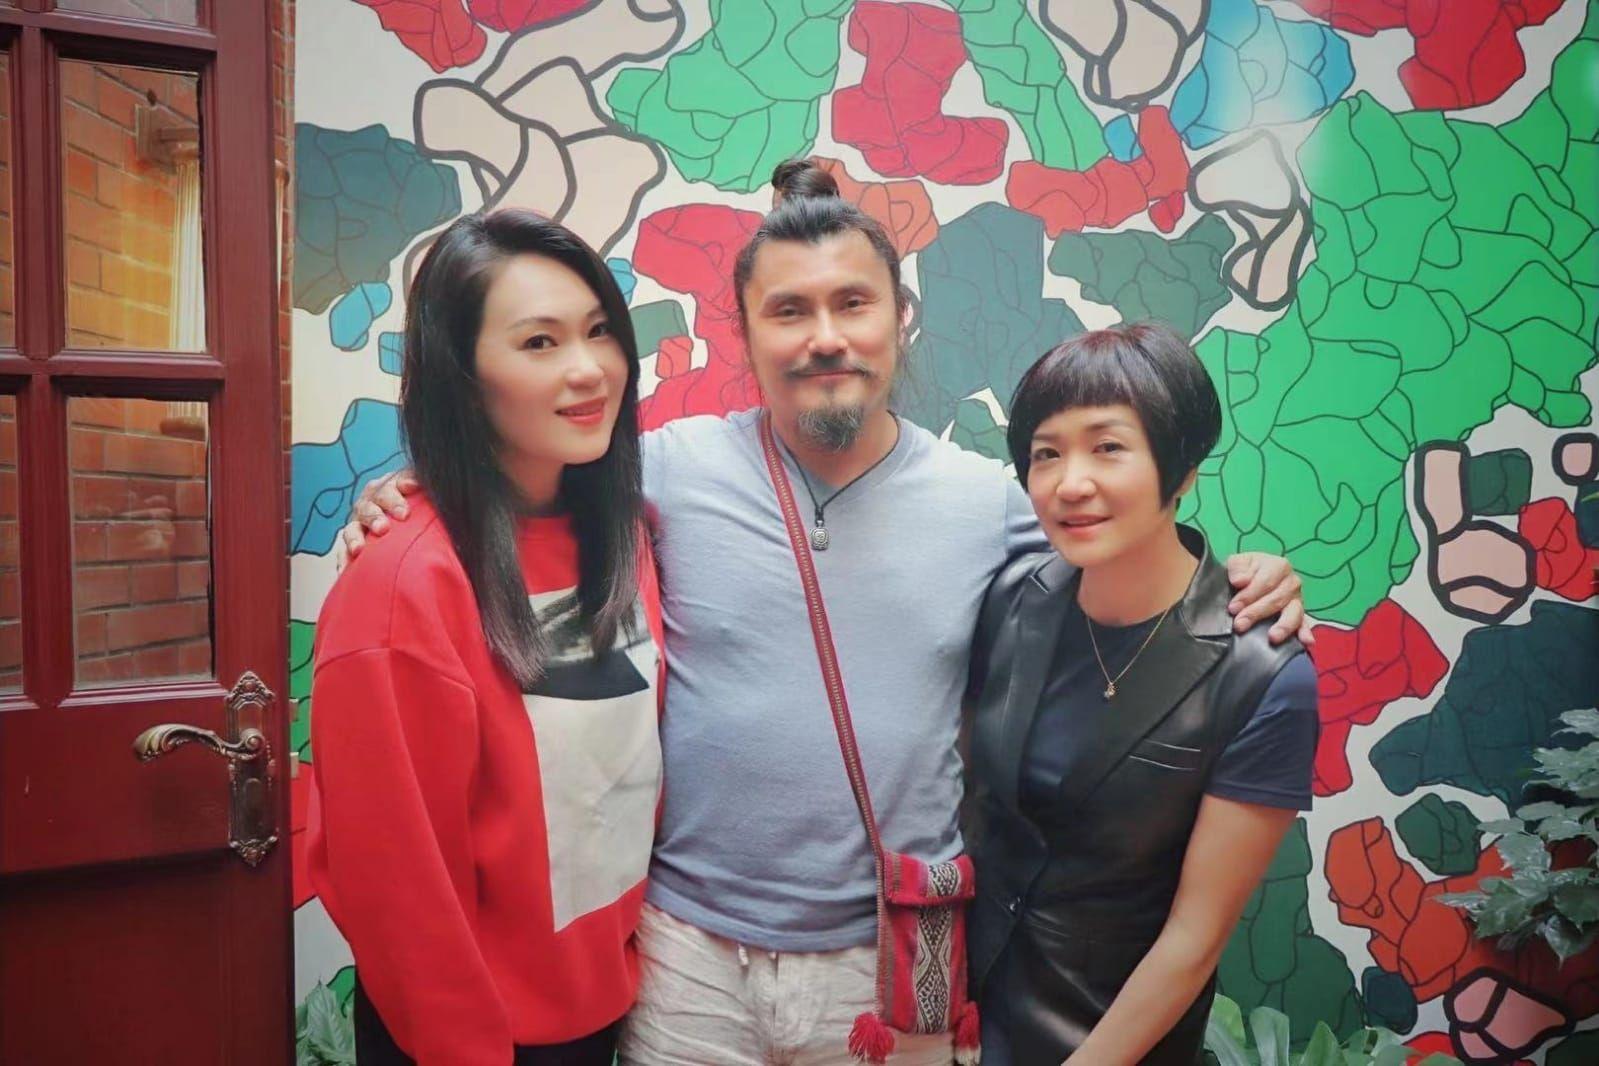 Jill Tang, Inen Vai and guest